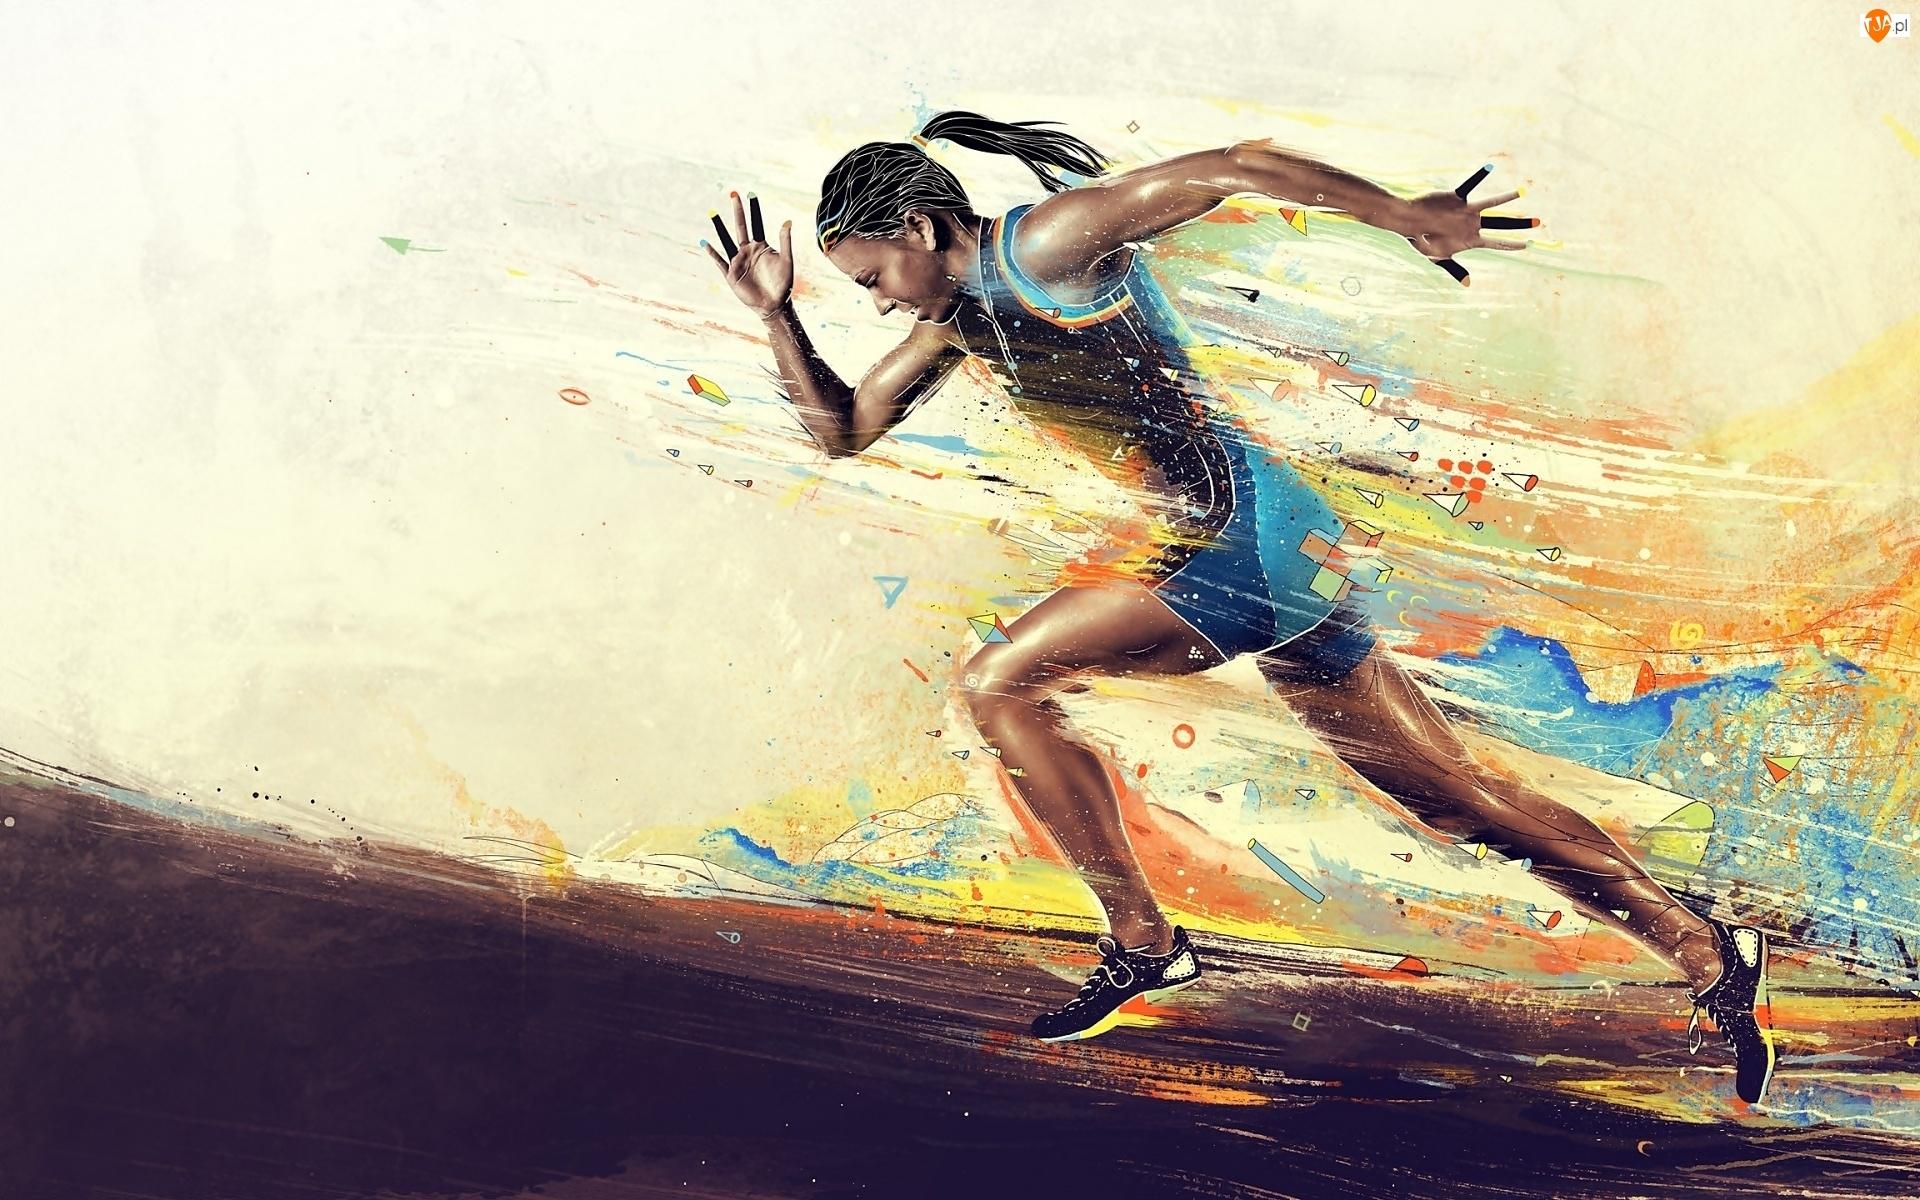 Kobieta, Lekkoatletyka, Sport, Bieg